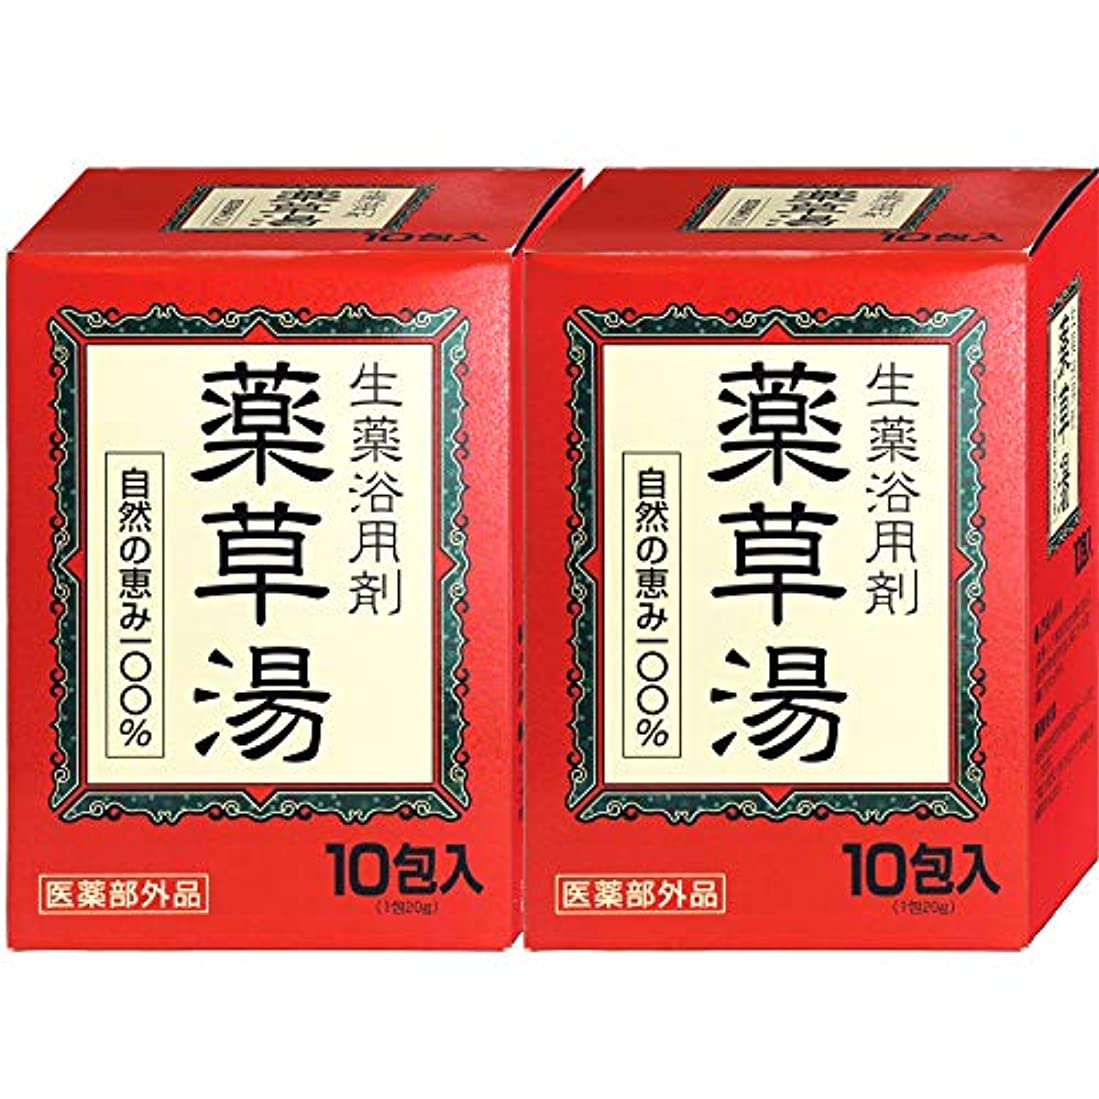 労苦南西ジーンズ薬草湯 生薬浴用剤 10包入 【2個セット】自然の恵み100% 医薬部外品